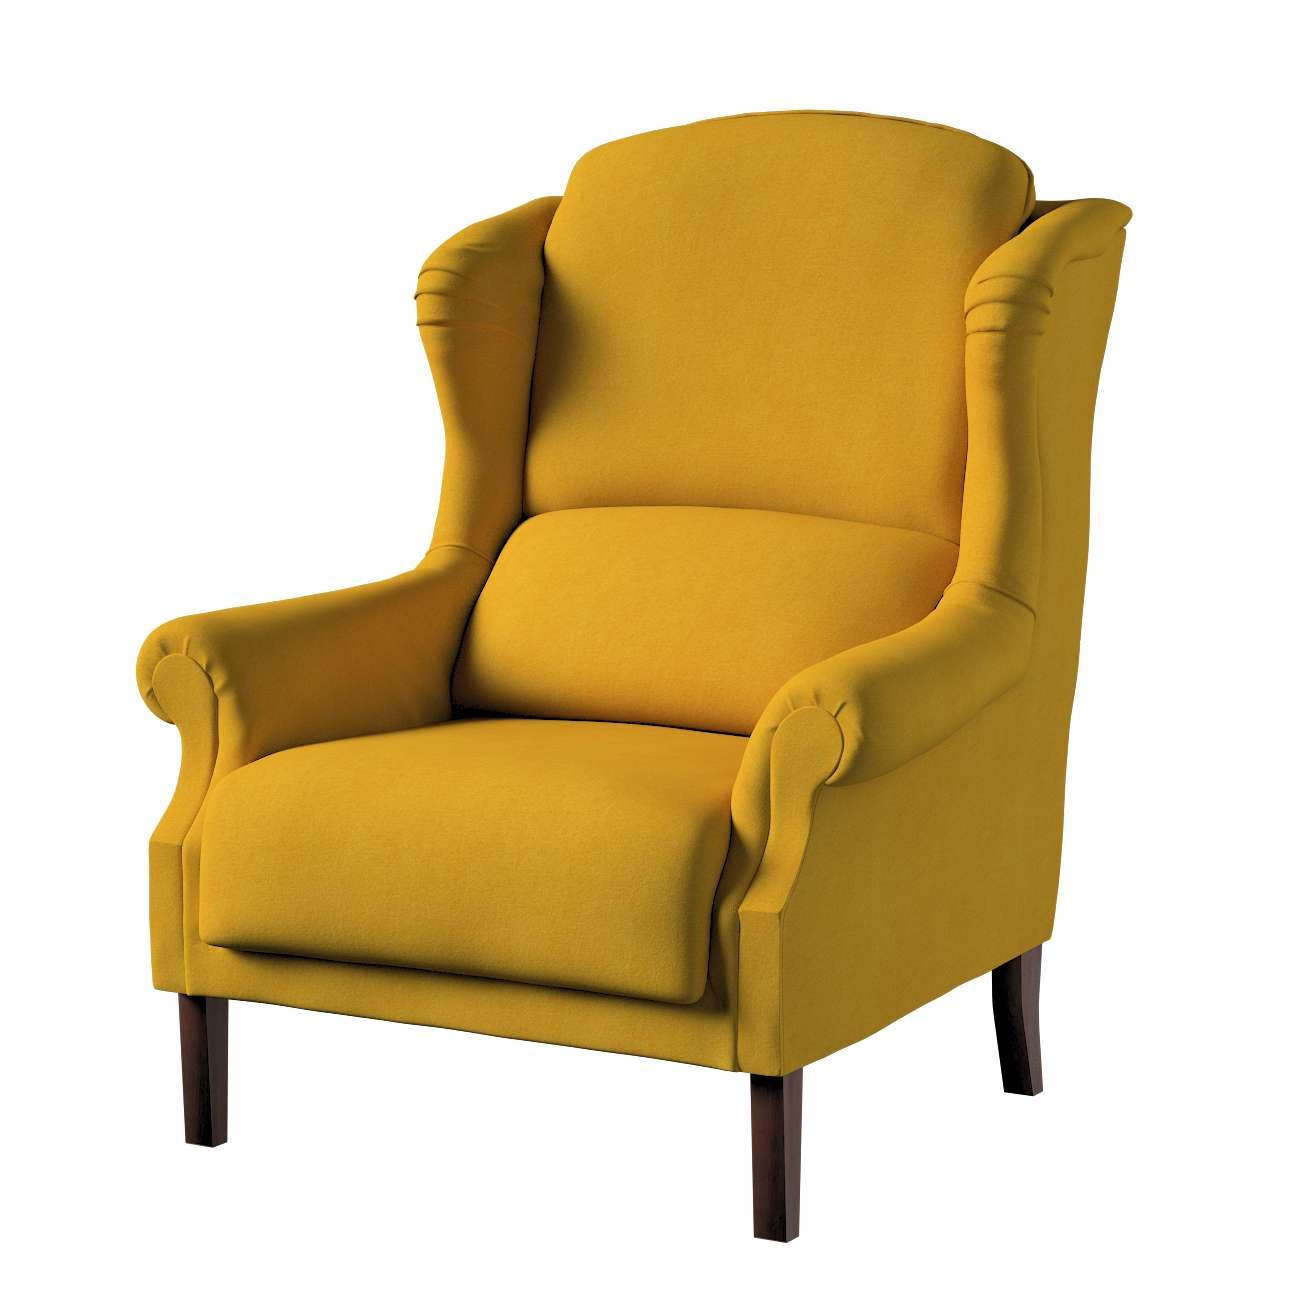 Sessel Unique, senffarbe, 85 × 107 cm, Etna